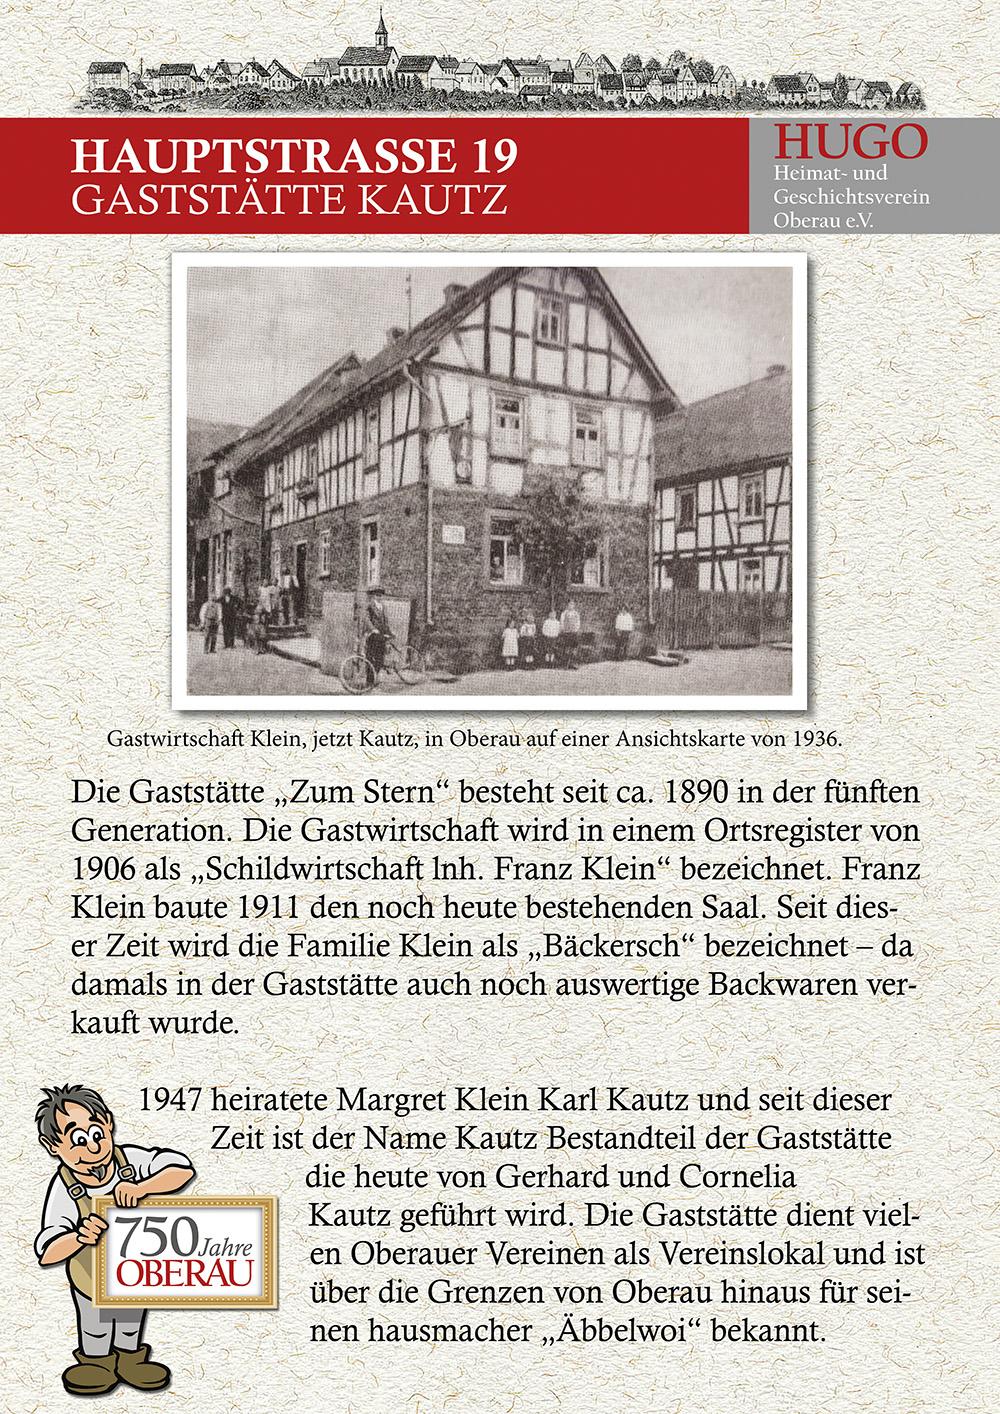 Hauptstraße 19 - Gaststätte Kautz